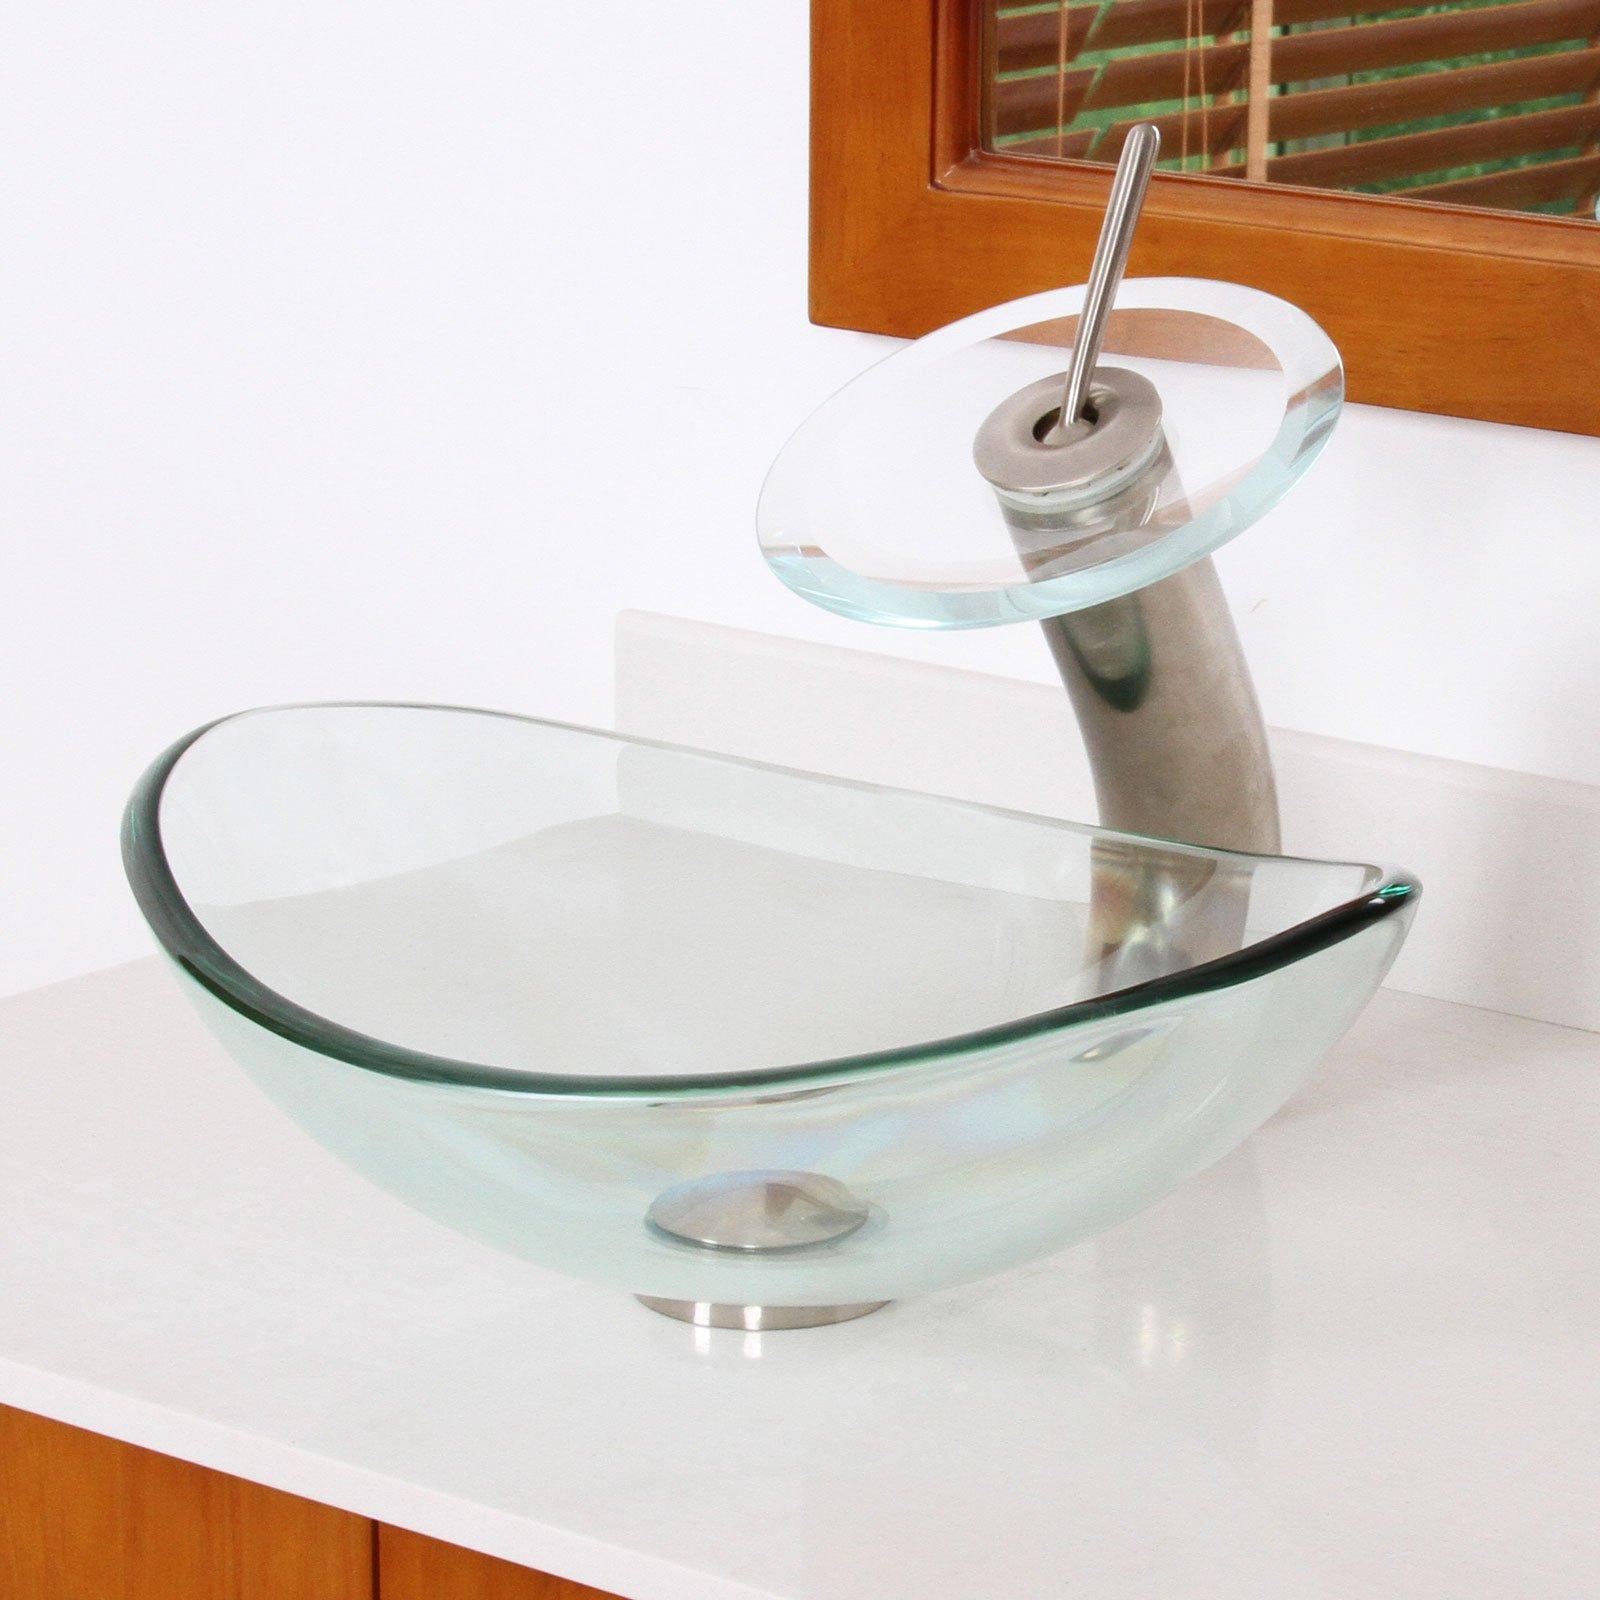 Unique Sink Vessel: Amazon.com